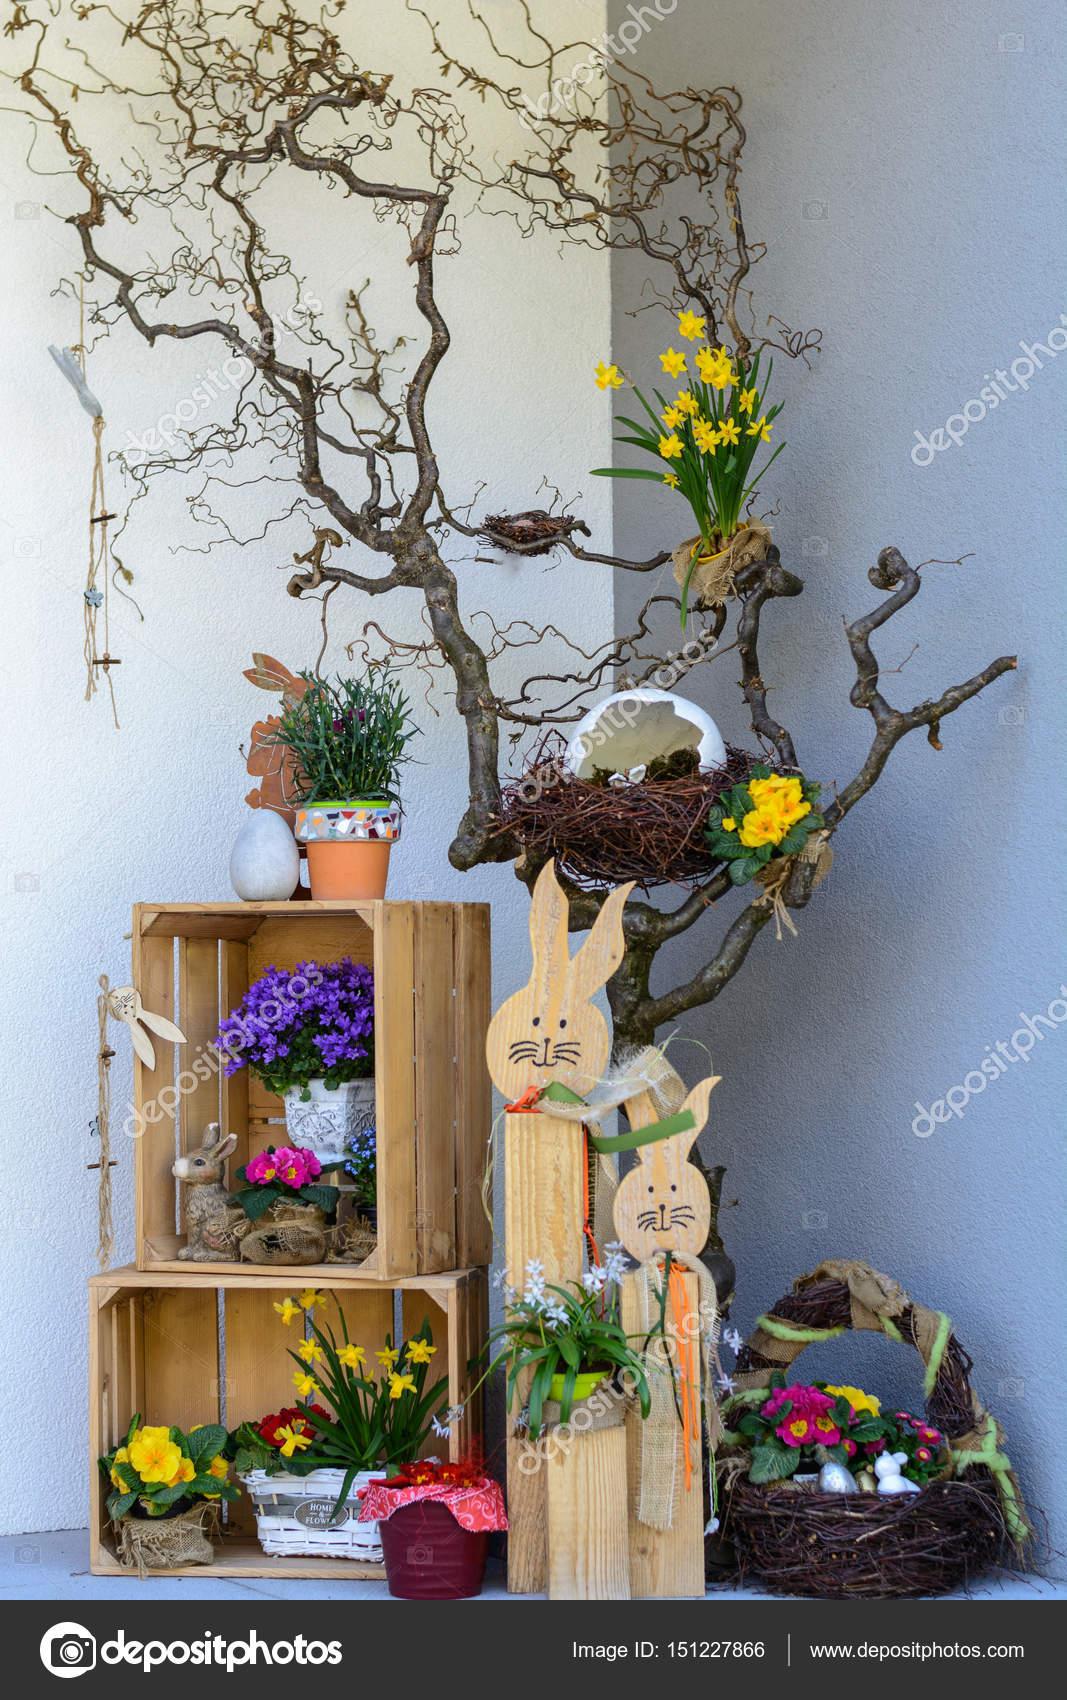 Kolorowe Dekoracje Wielkanocne W Domu Zdjęcie Stockowe